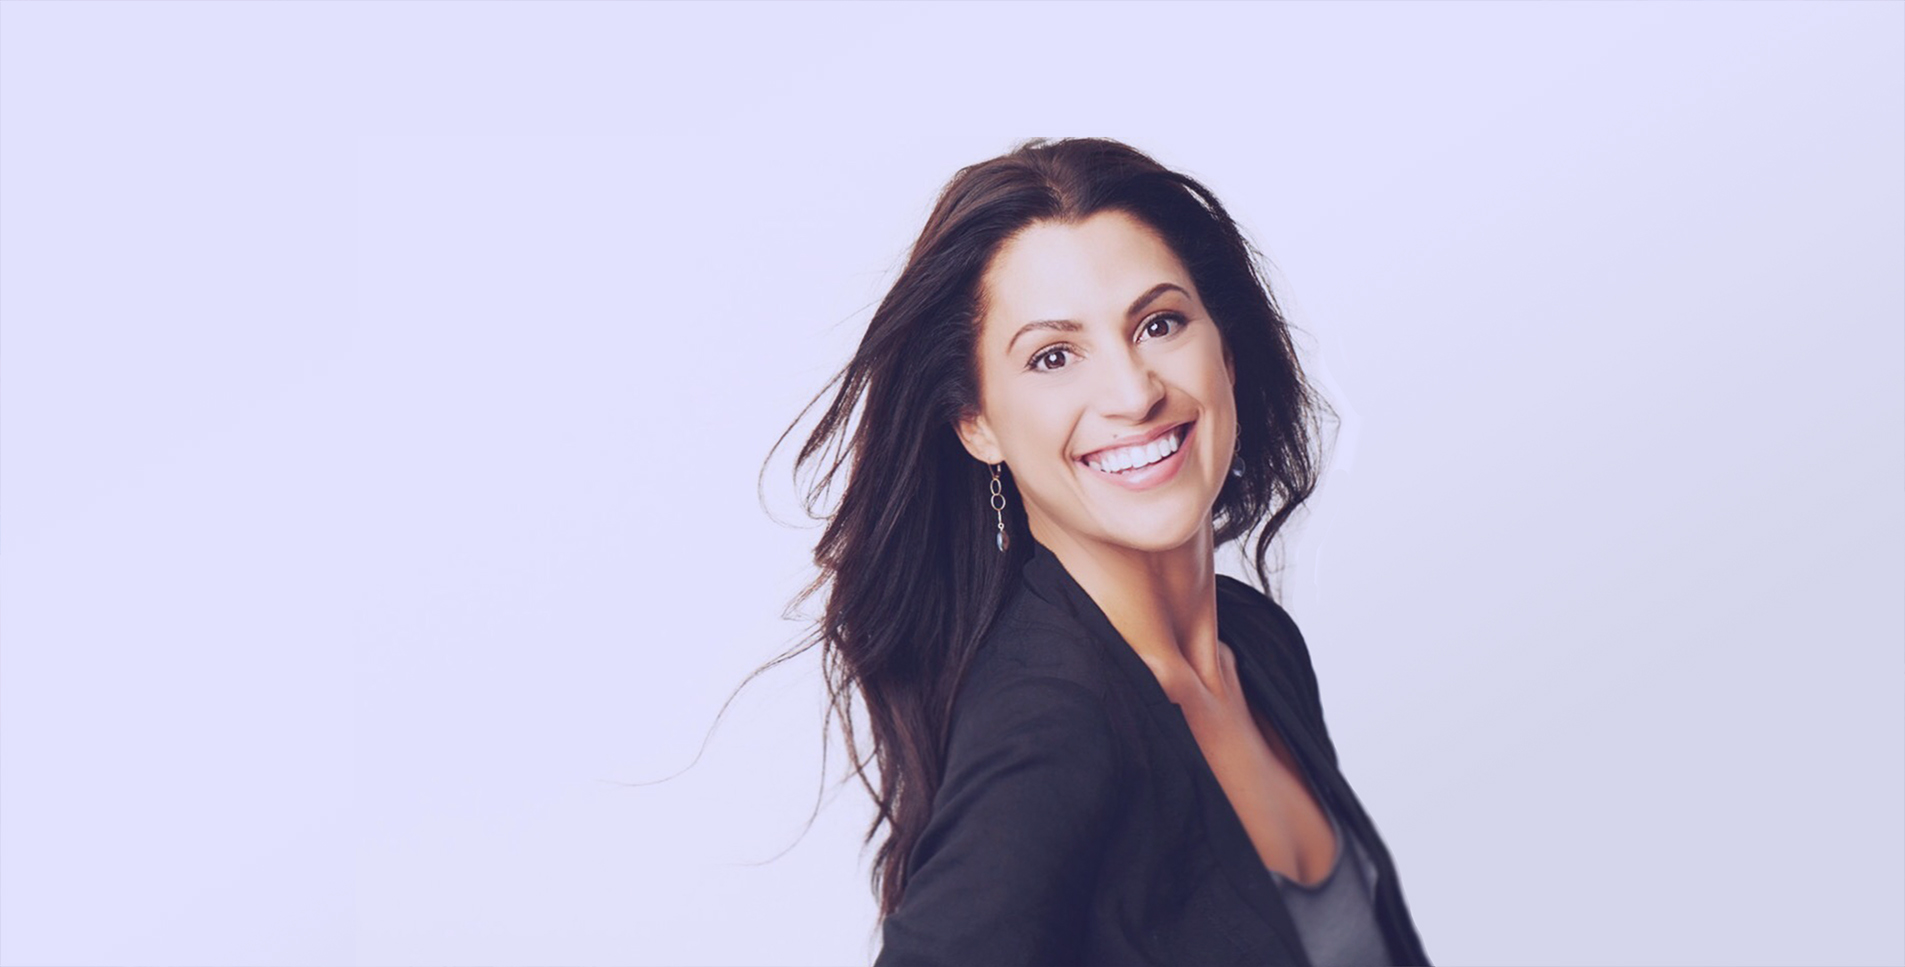 https://gravityspeakers.com/wp-content/uploads/Mandy-Antoniacci-Headshot-Home-Purple.jpg